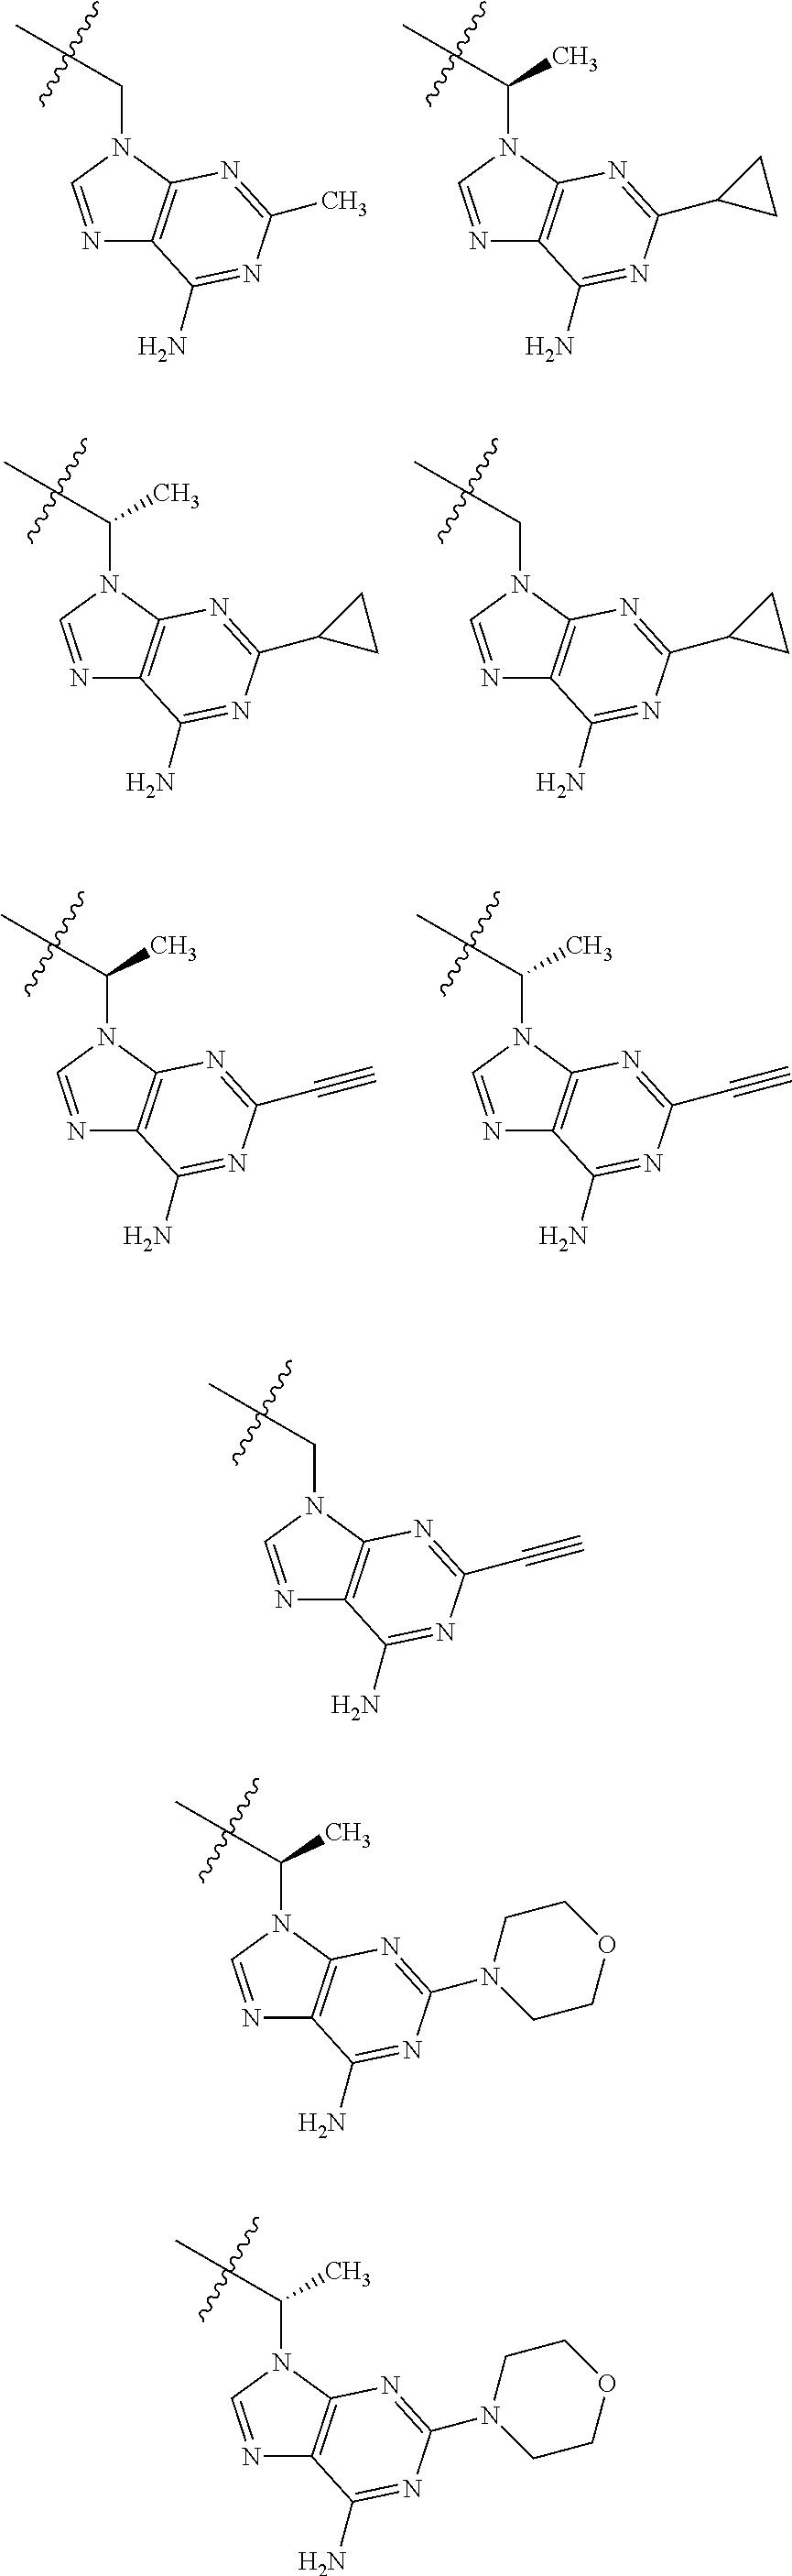 Figure US20110046165A1-20110224-C00040